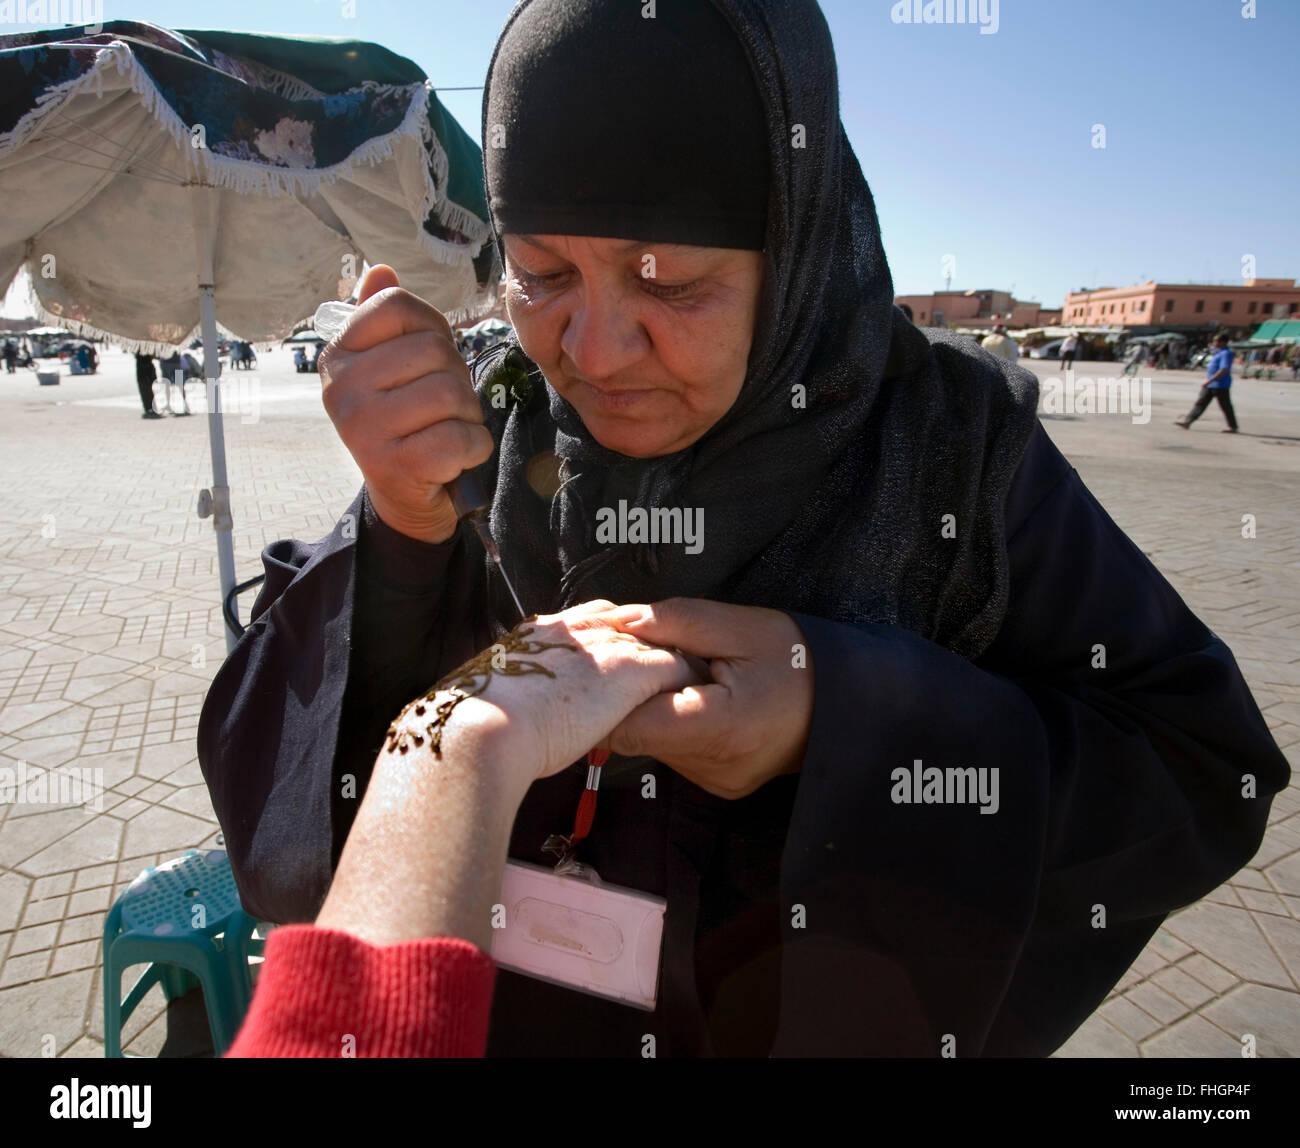 Mit der Hand verziert mit Henna-Farbstoff im Zentrum von Marrakesch. Das endgültige Design kann für ca. Stockbild